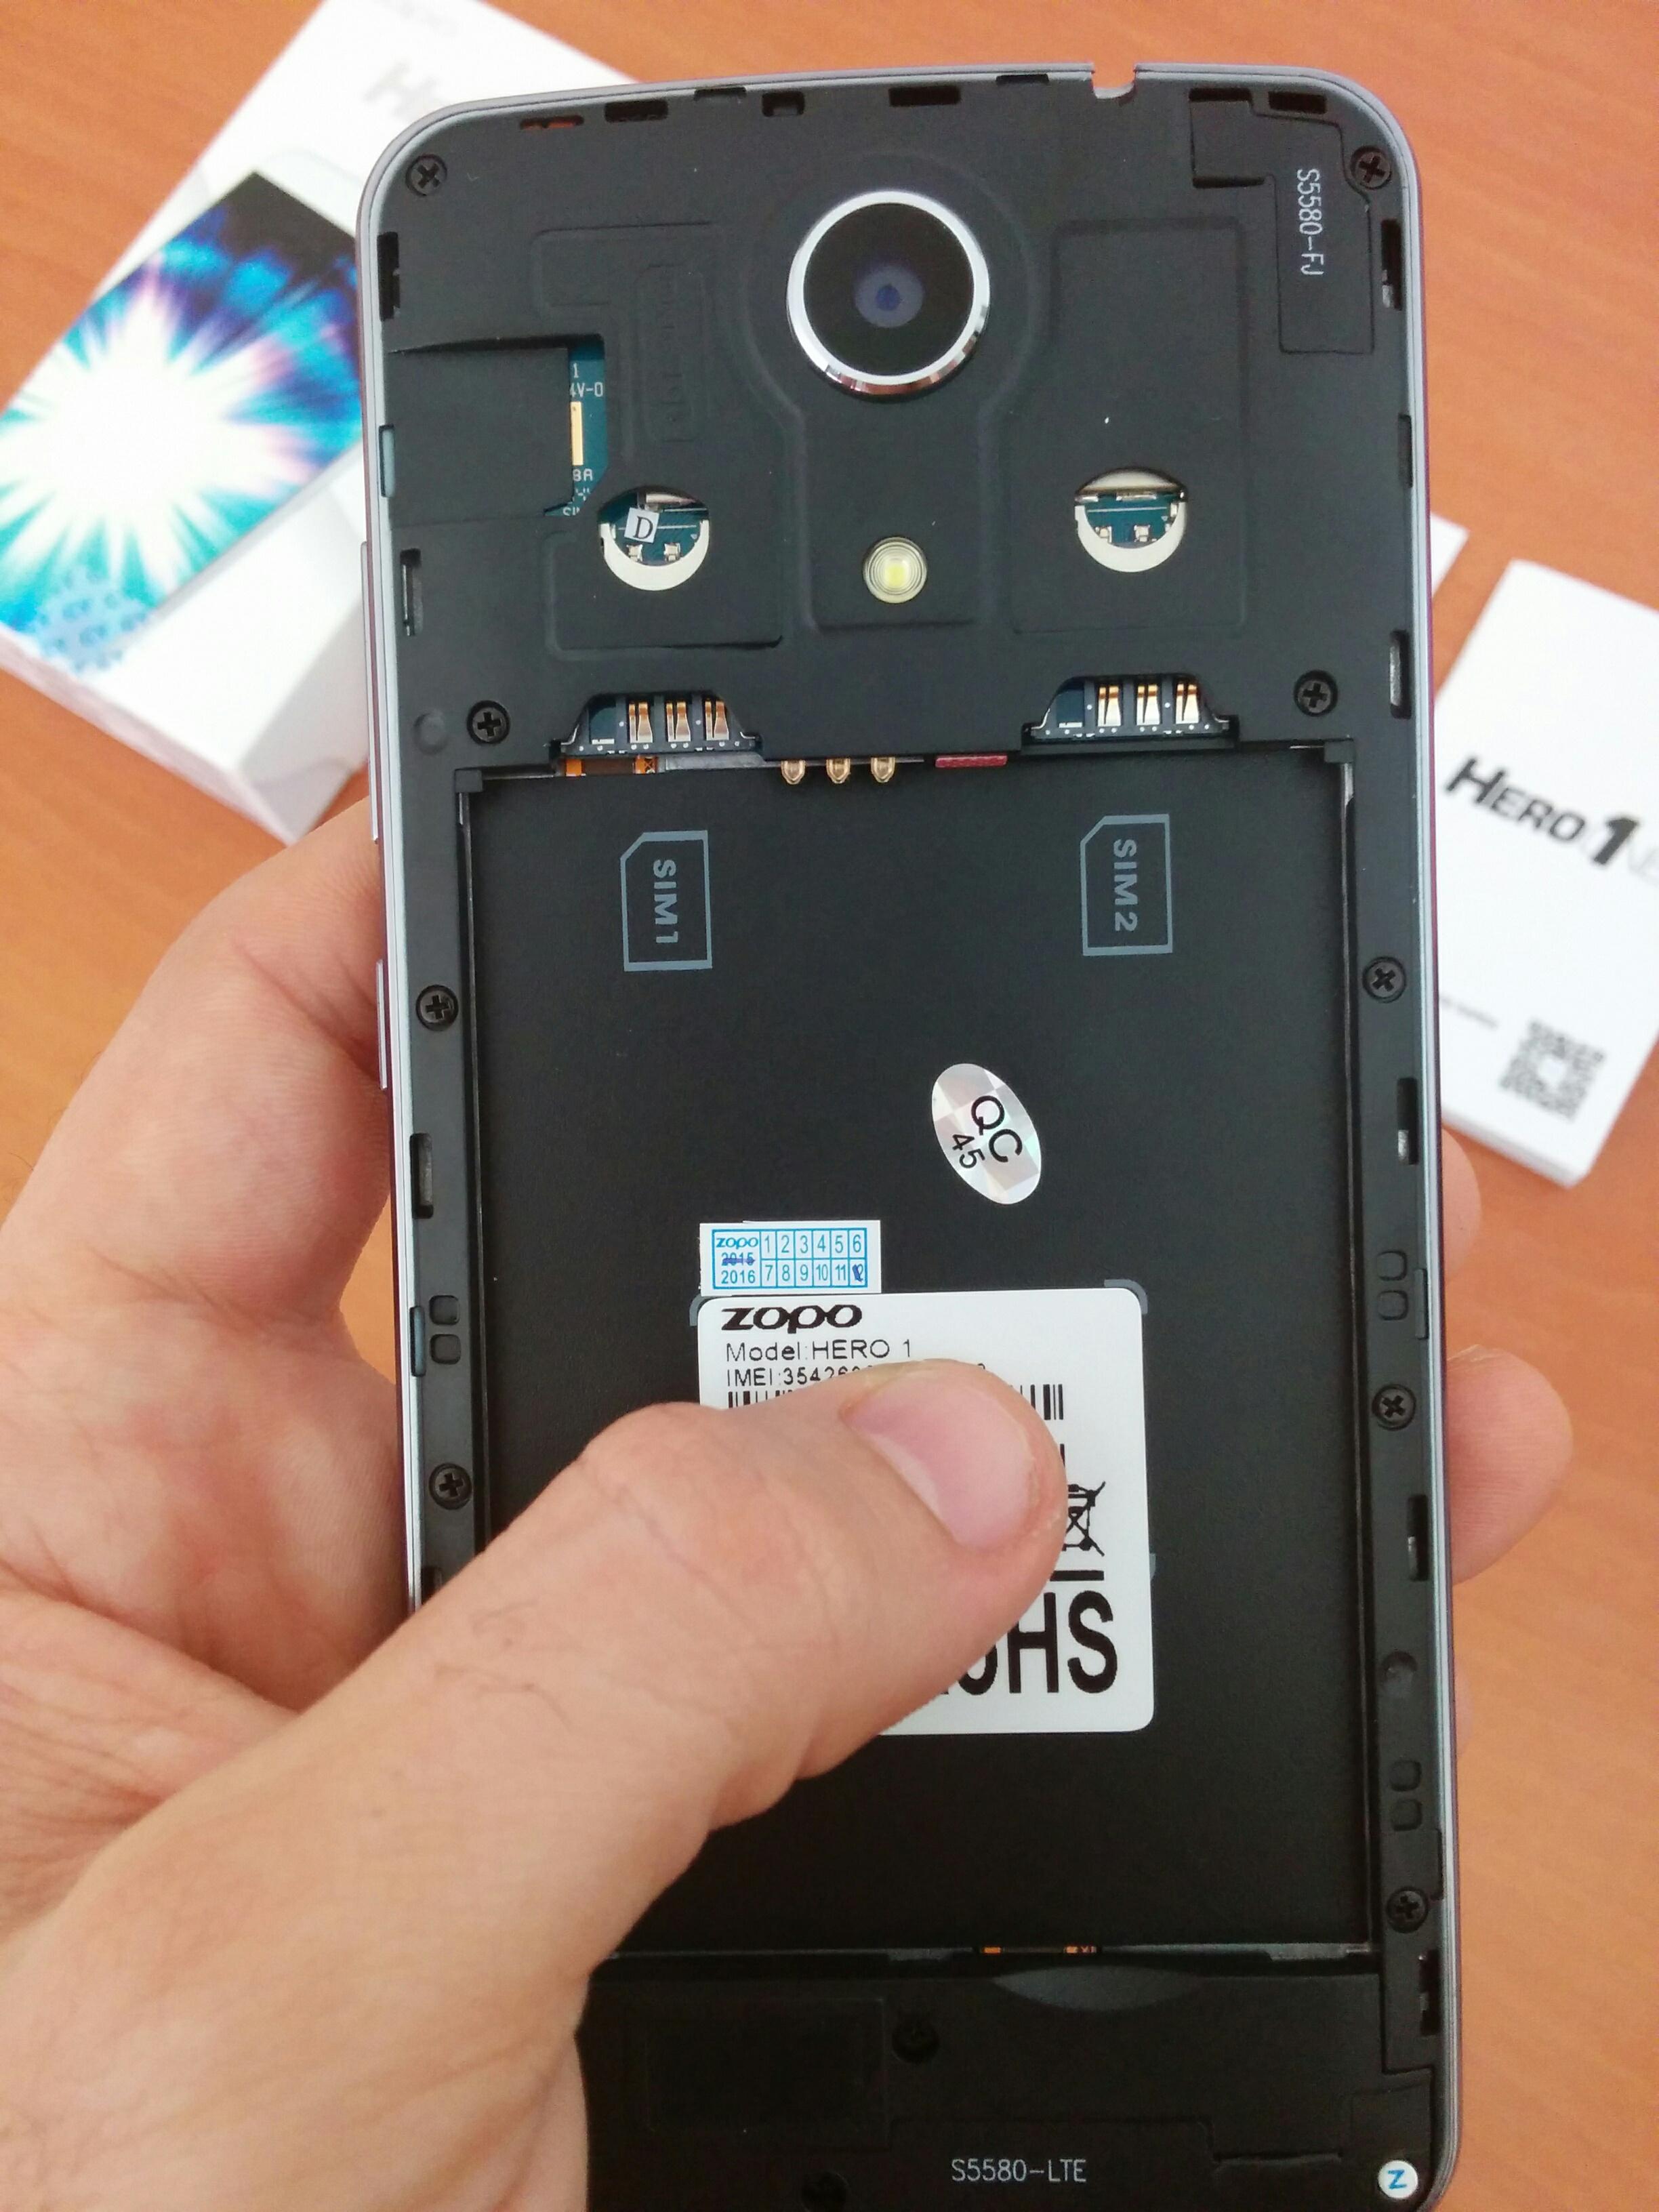 El Zopo Hero es un smartphone 4G con DualSim